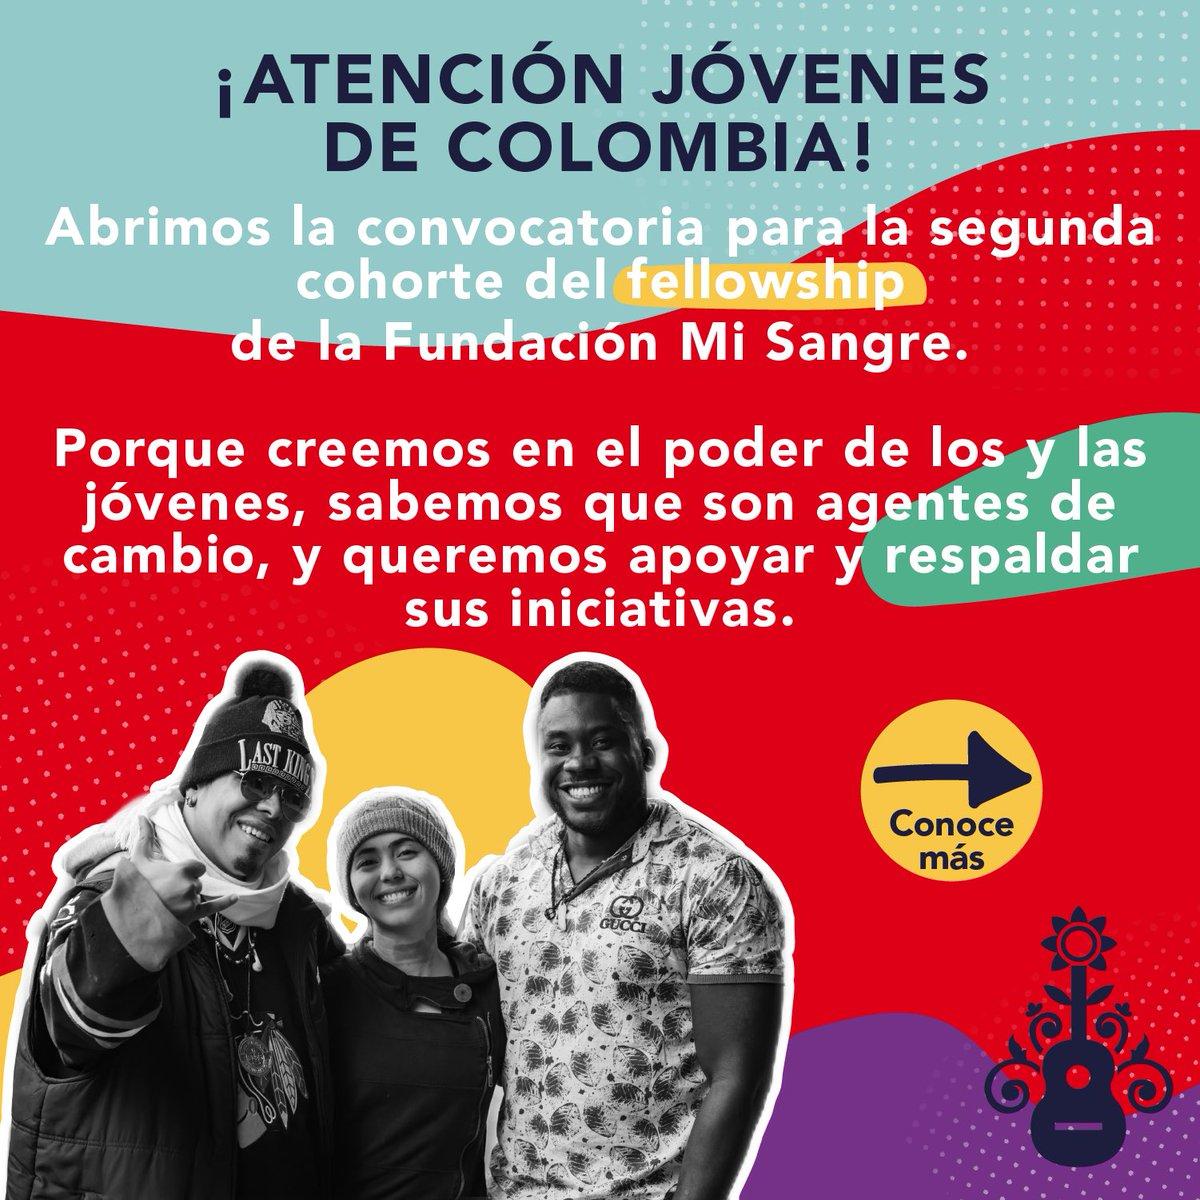 Buscamos 50 jóvenes de Colombia diversos, inquietos, interesados en la transformación social, conscientes de la responsabilidad compartida y de los problemas de sus territorios. Hoy abrimos con la convocatoria para la segunda cohorte del Fellowship.